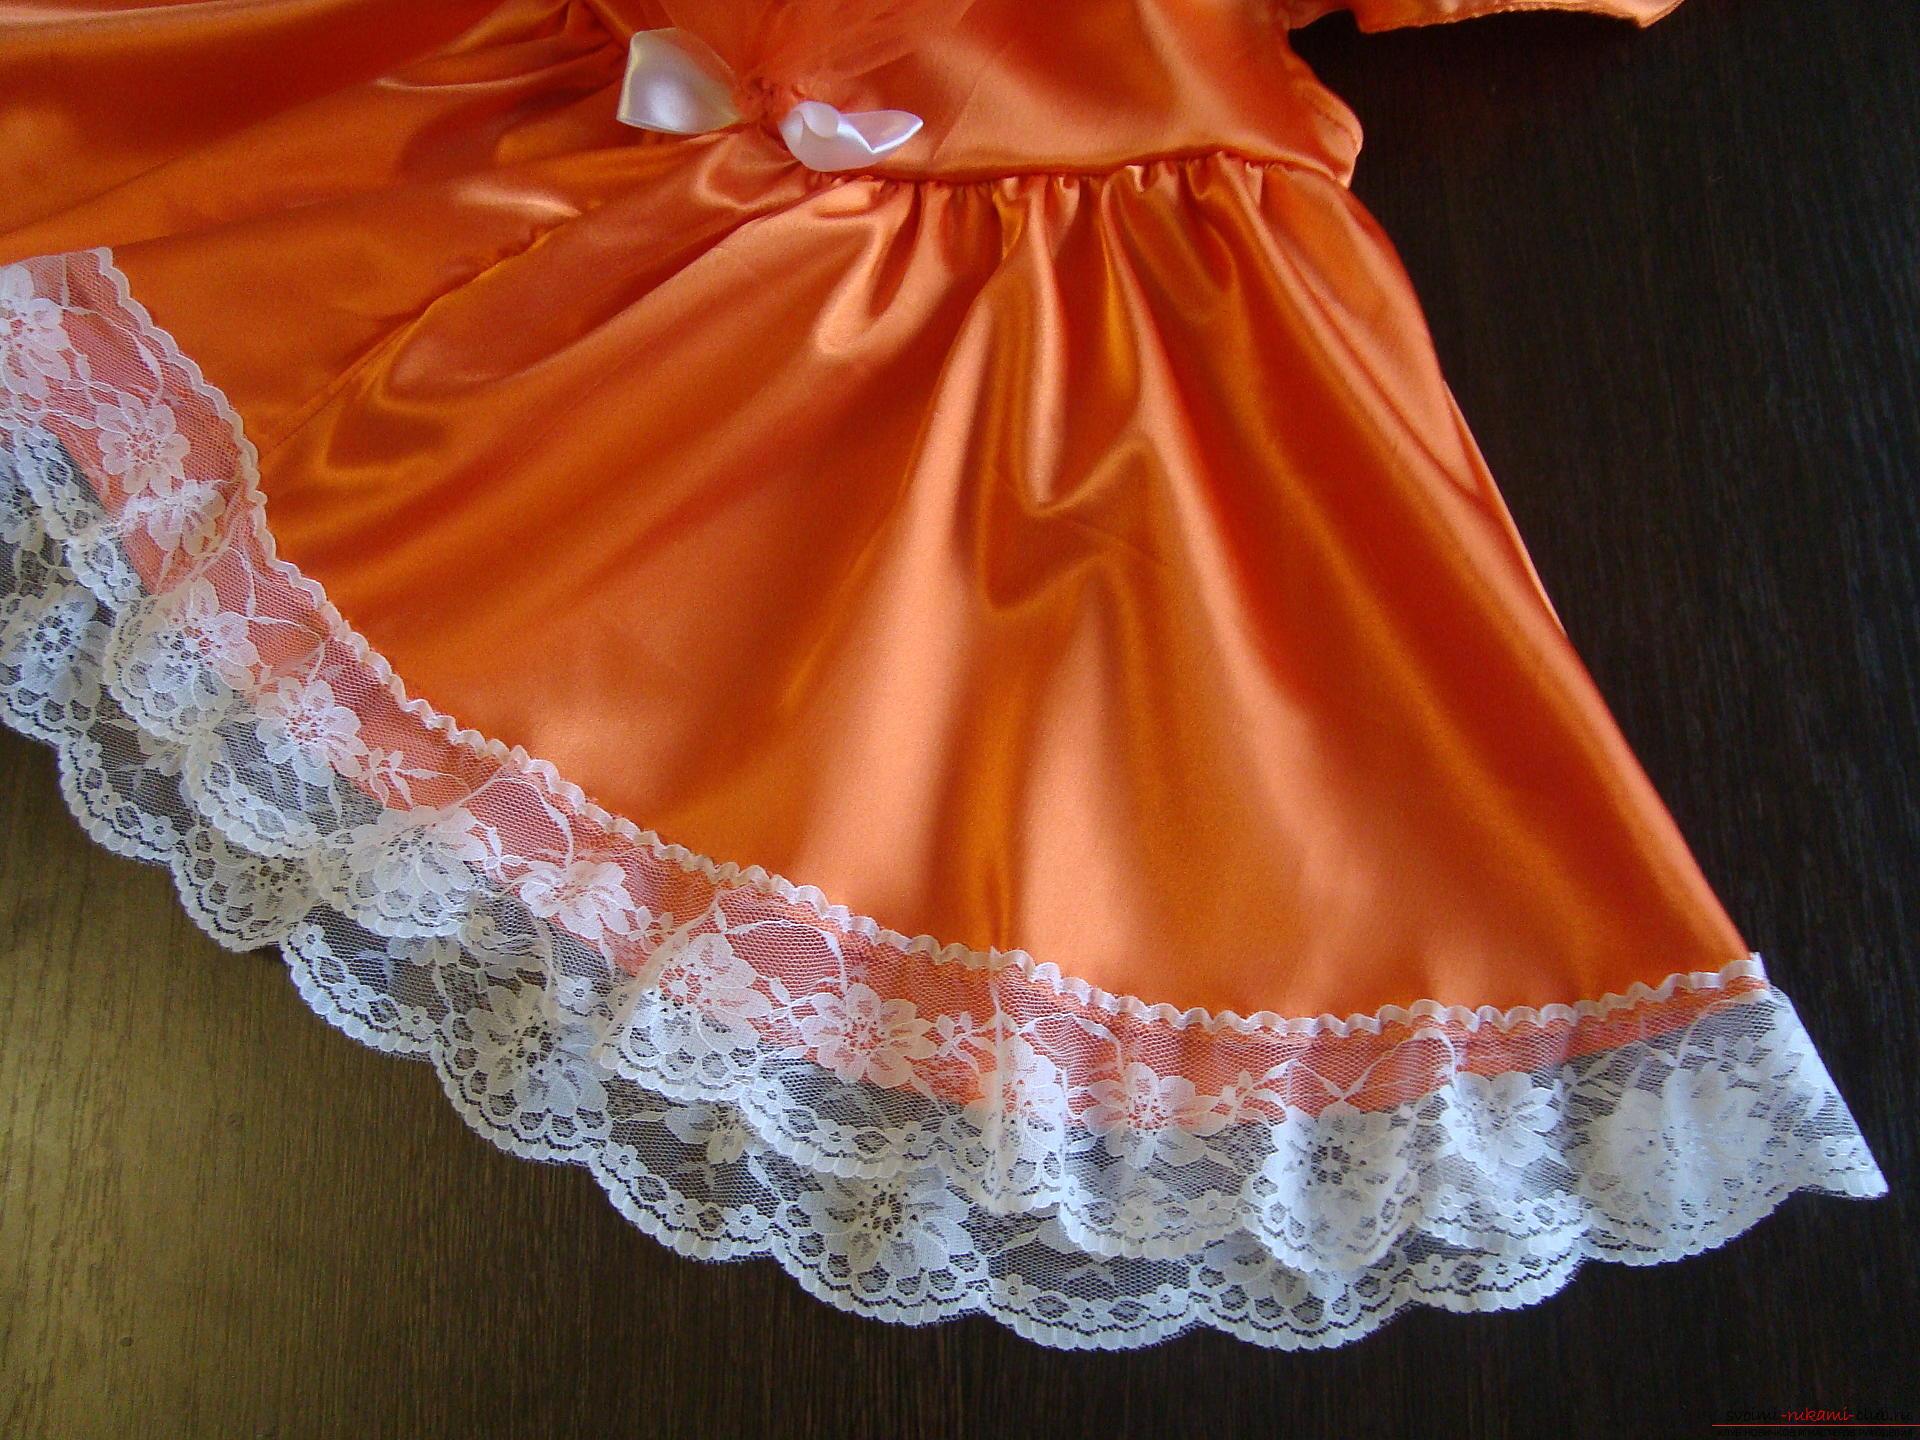 Этот мастер-класс научит как сшить своими руками детский карнавальный костюм лисы для девочки. Фото №7